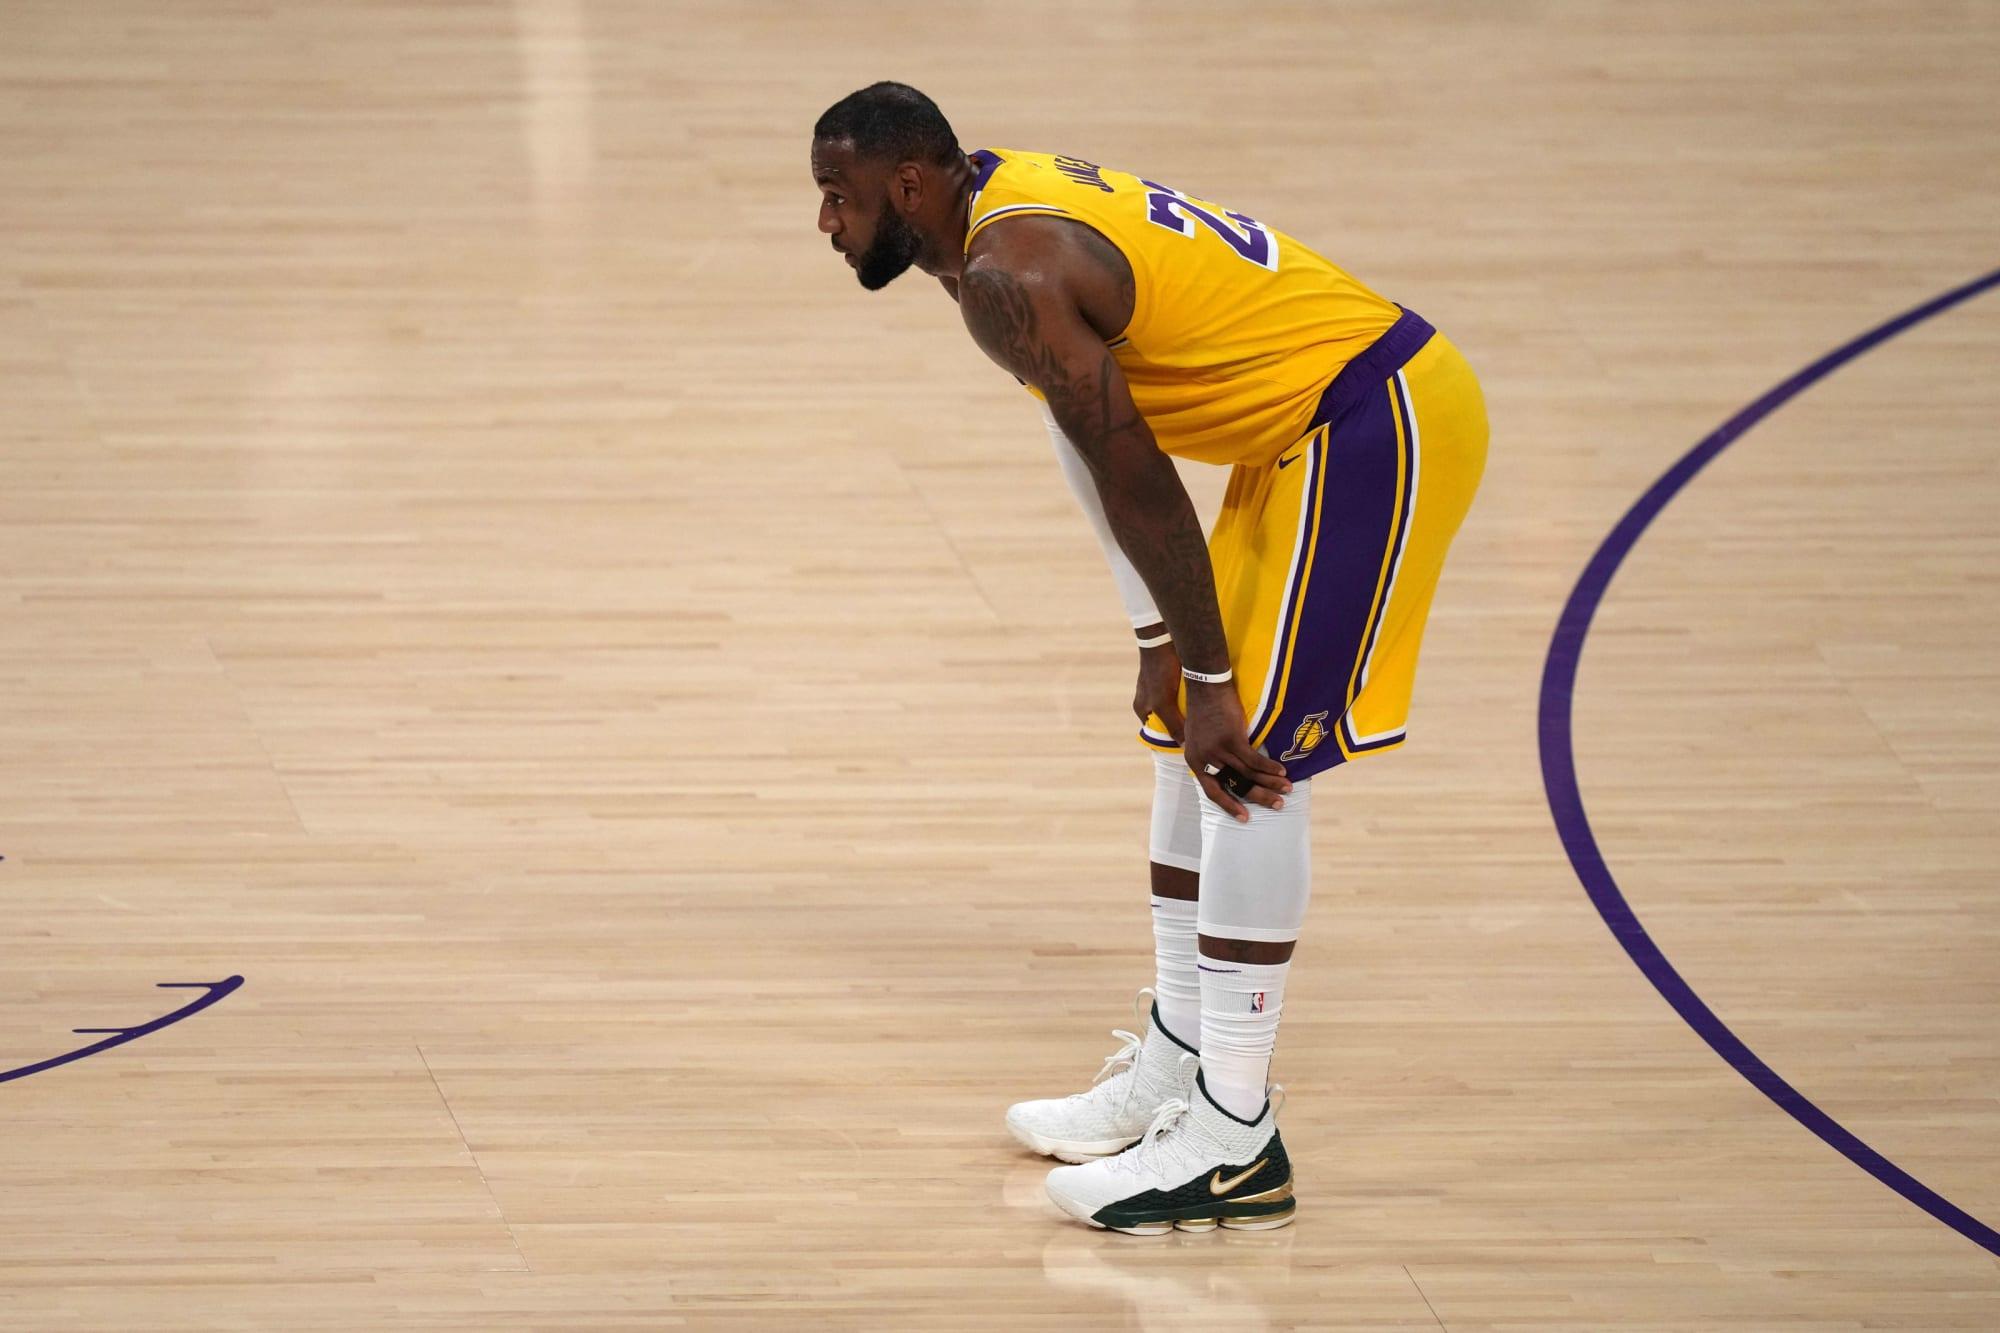 Alineación actualizada luego del canje de Russell Westbrook a los Lakers